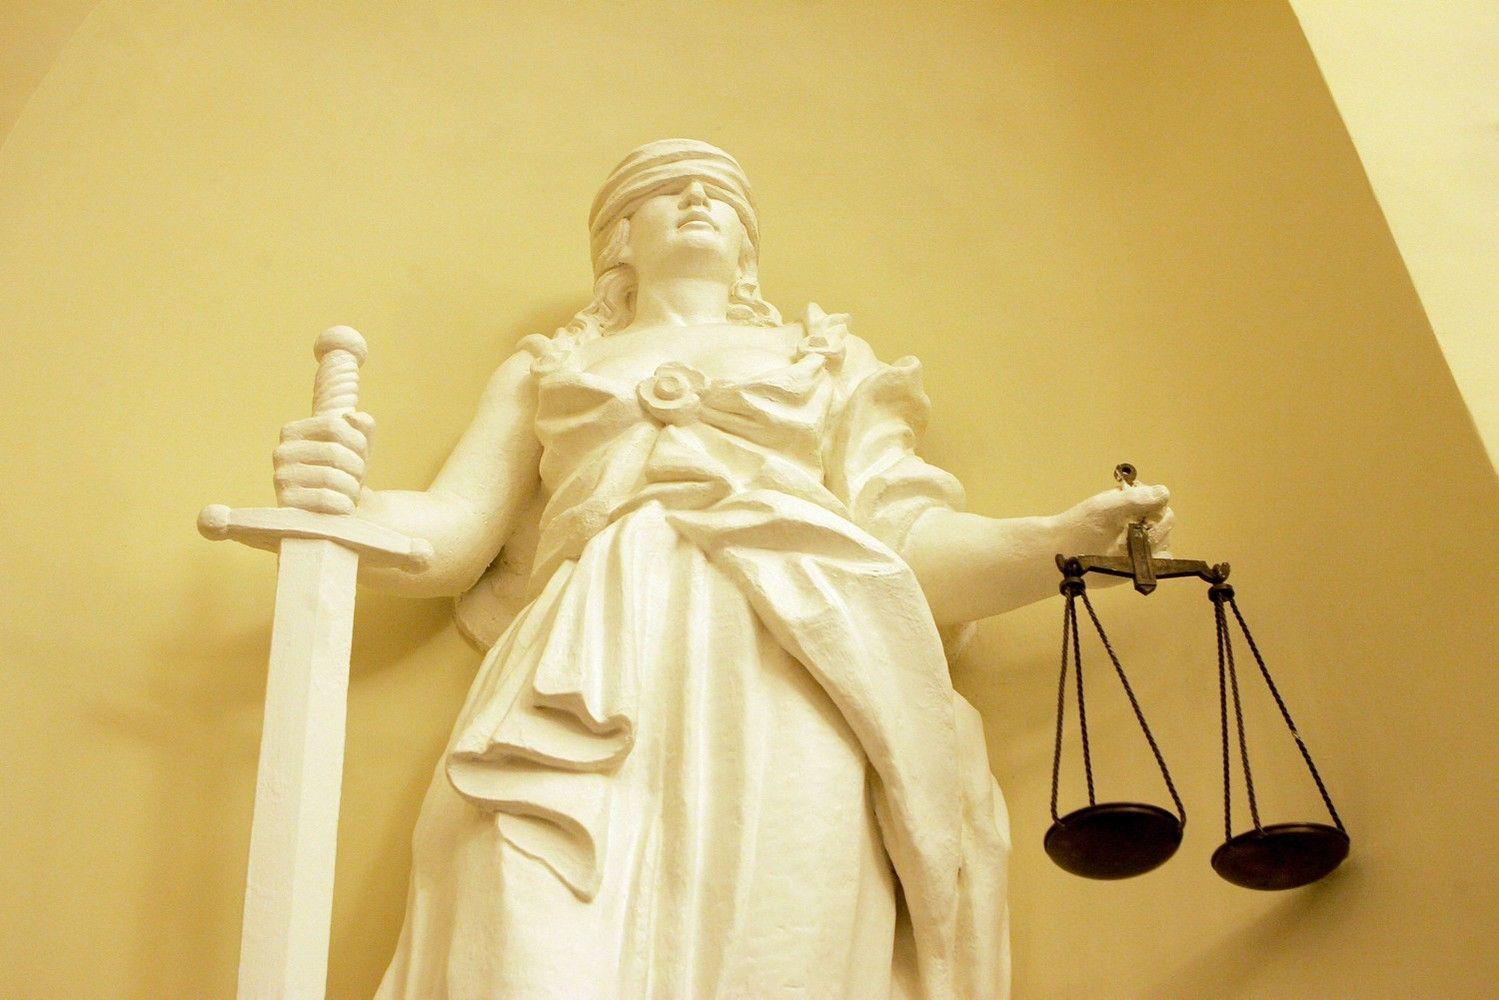 Vyriausybė pasiūlė kandidatus į Europos prokurorus